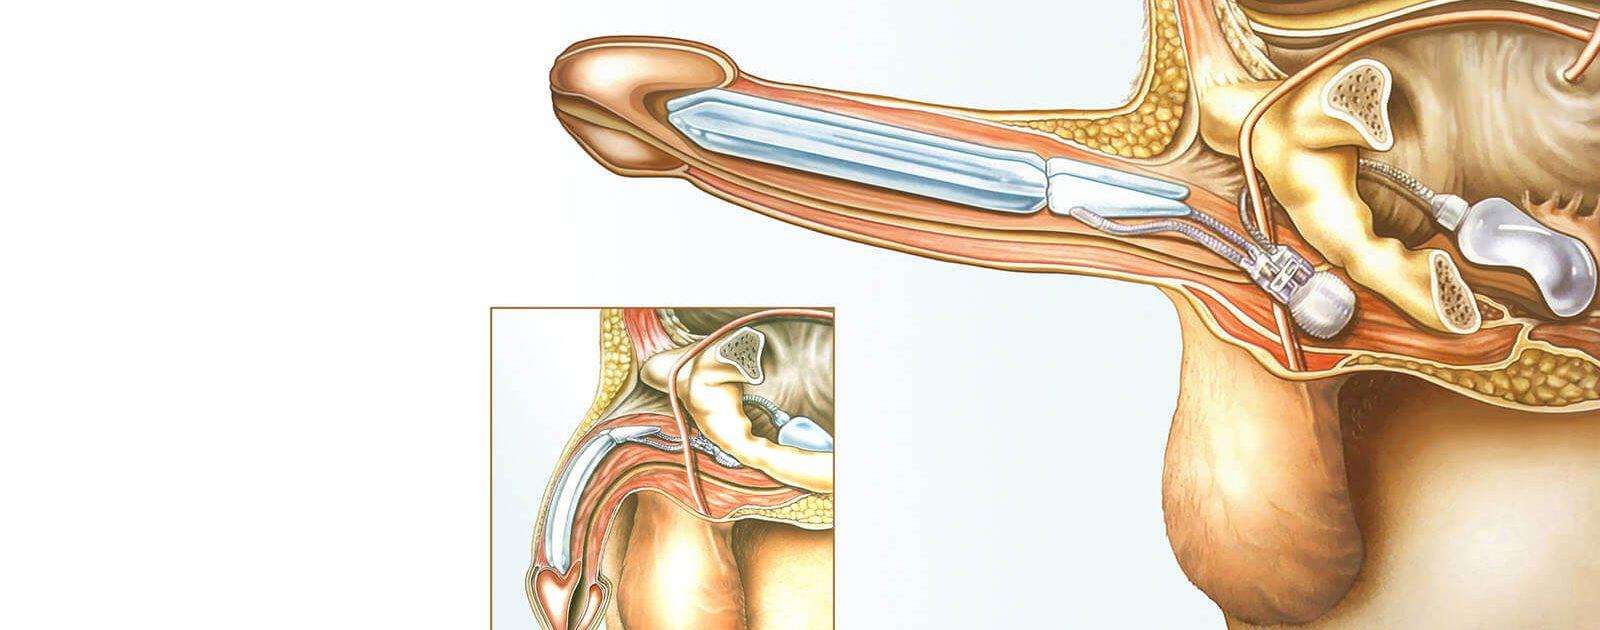 Die Darstellung zeigt, wo sich die implantierte Penisprothese im Körper zur Behandlung von Erektionsstörungen befindet.